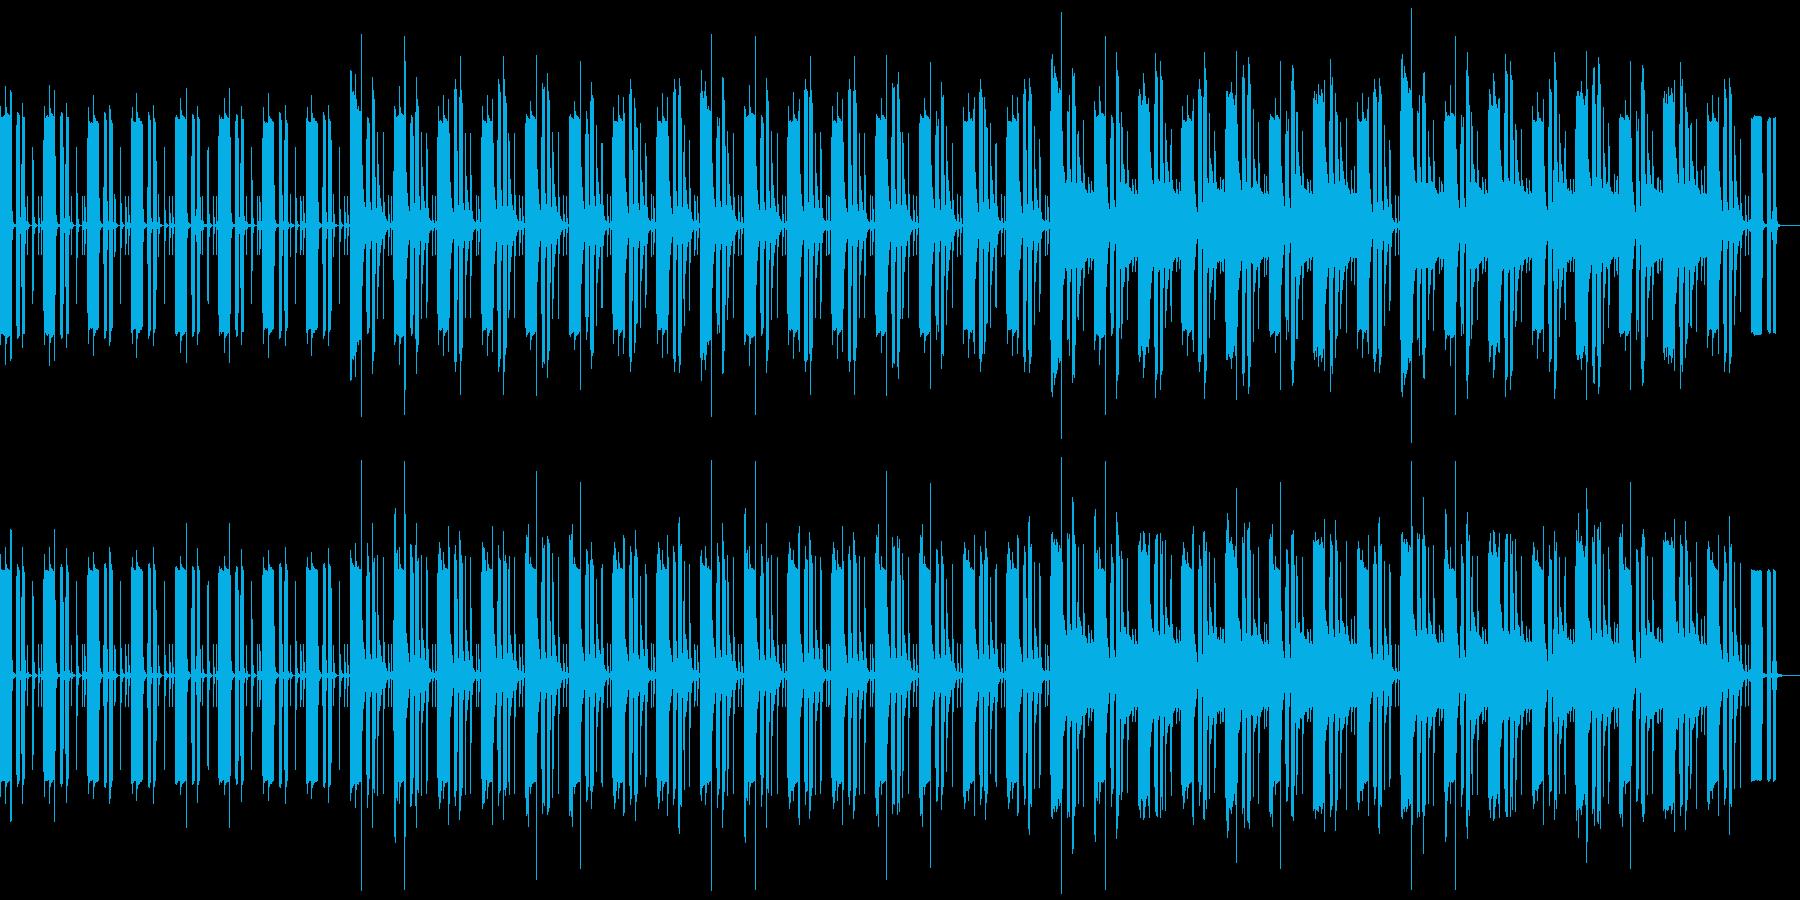 素朴でのどかな風景に似合う曲の再生済みの波形